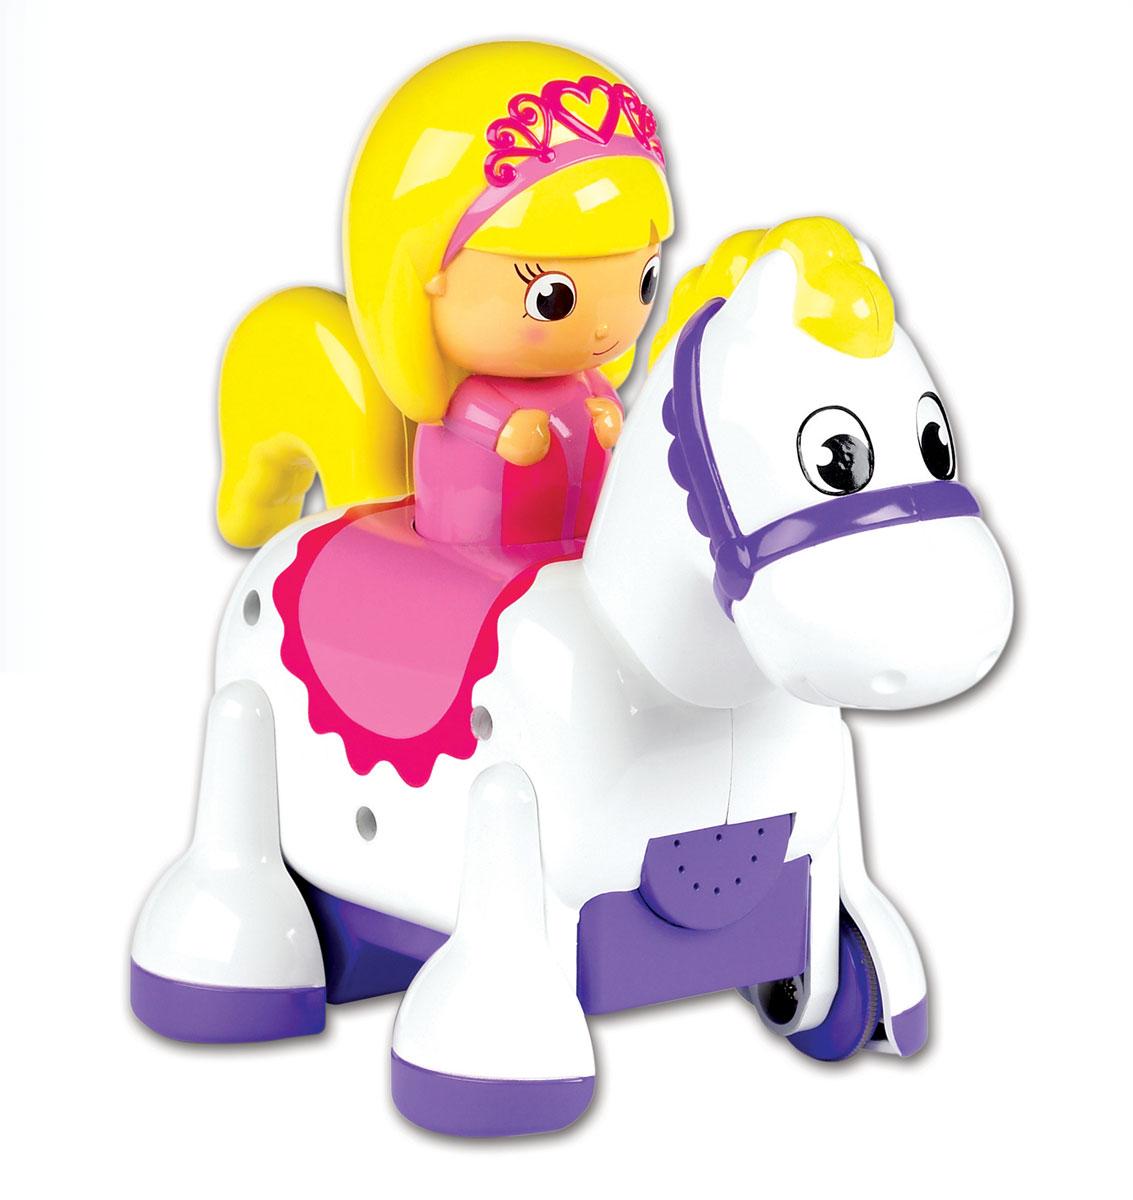 Tomy Развивающая игрушка Принцесса книги издательство аст дневники принцессы принцесса ждет принцесса в розовом принцесса на стажировке